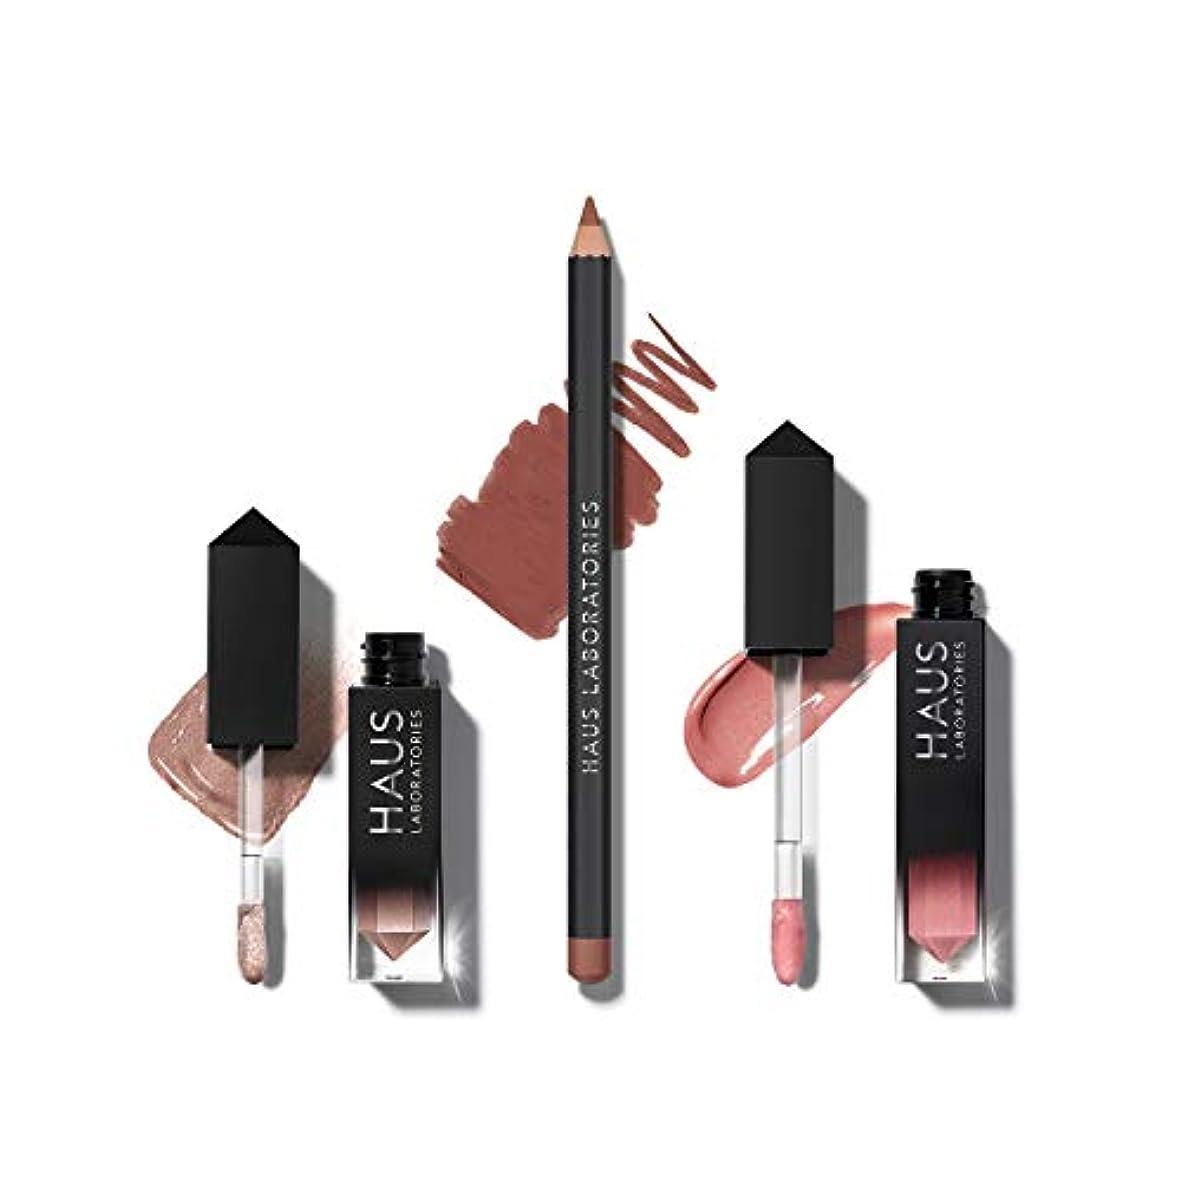 トリッキーどれ遺体安置所【プライムデー記念発売】HAUS LABORATORIES HAUS of Collections 3点セット All-Over Color, Lip Gloss, Lip Liner (HAUS of Goddess)